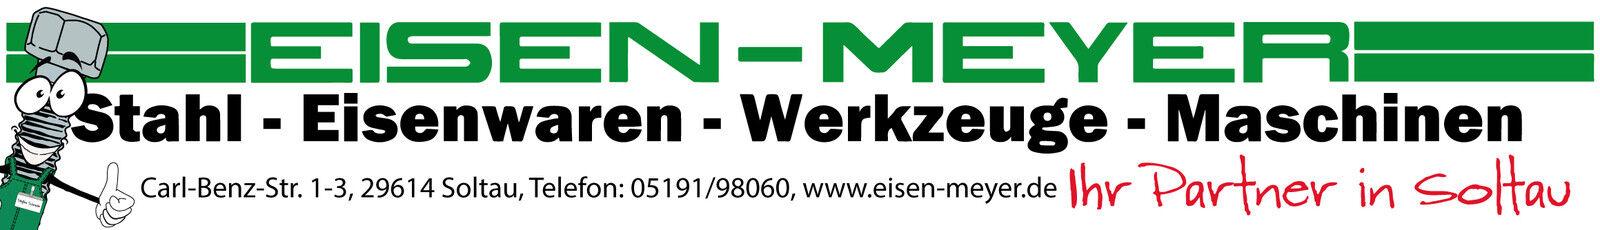 Eisen-Meyer Soltau